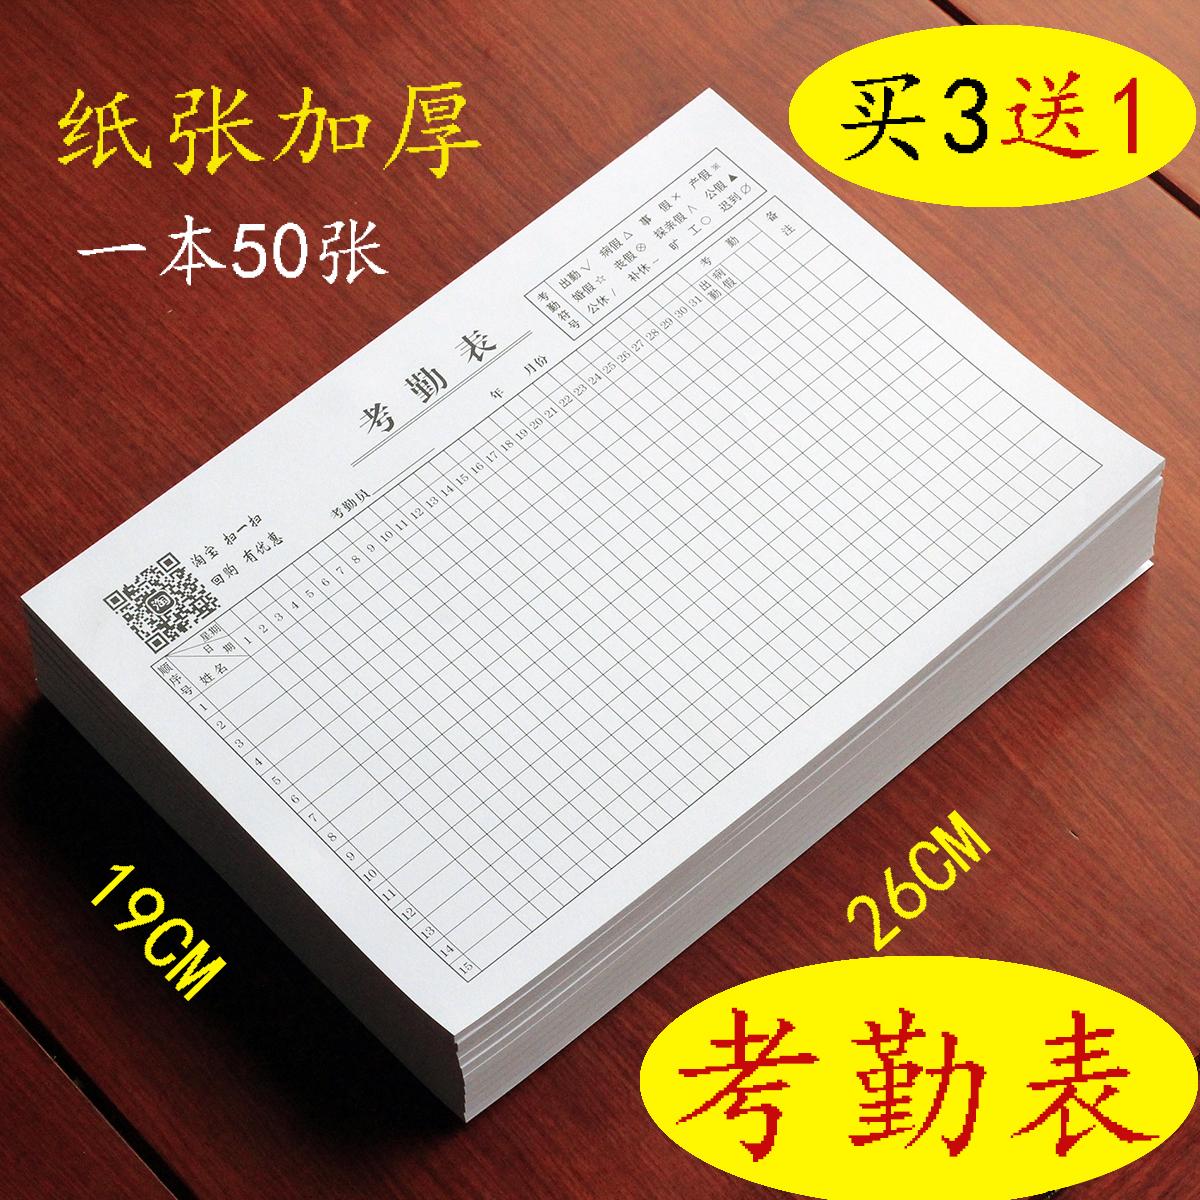 Купить 3 в подарок 1 форма посещения посещаемости верх Расписание рабочего места работника работника работника 50 листов один вход